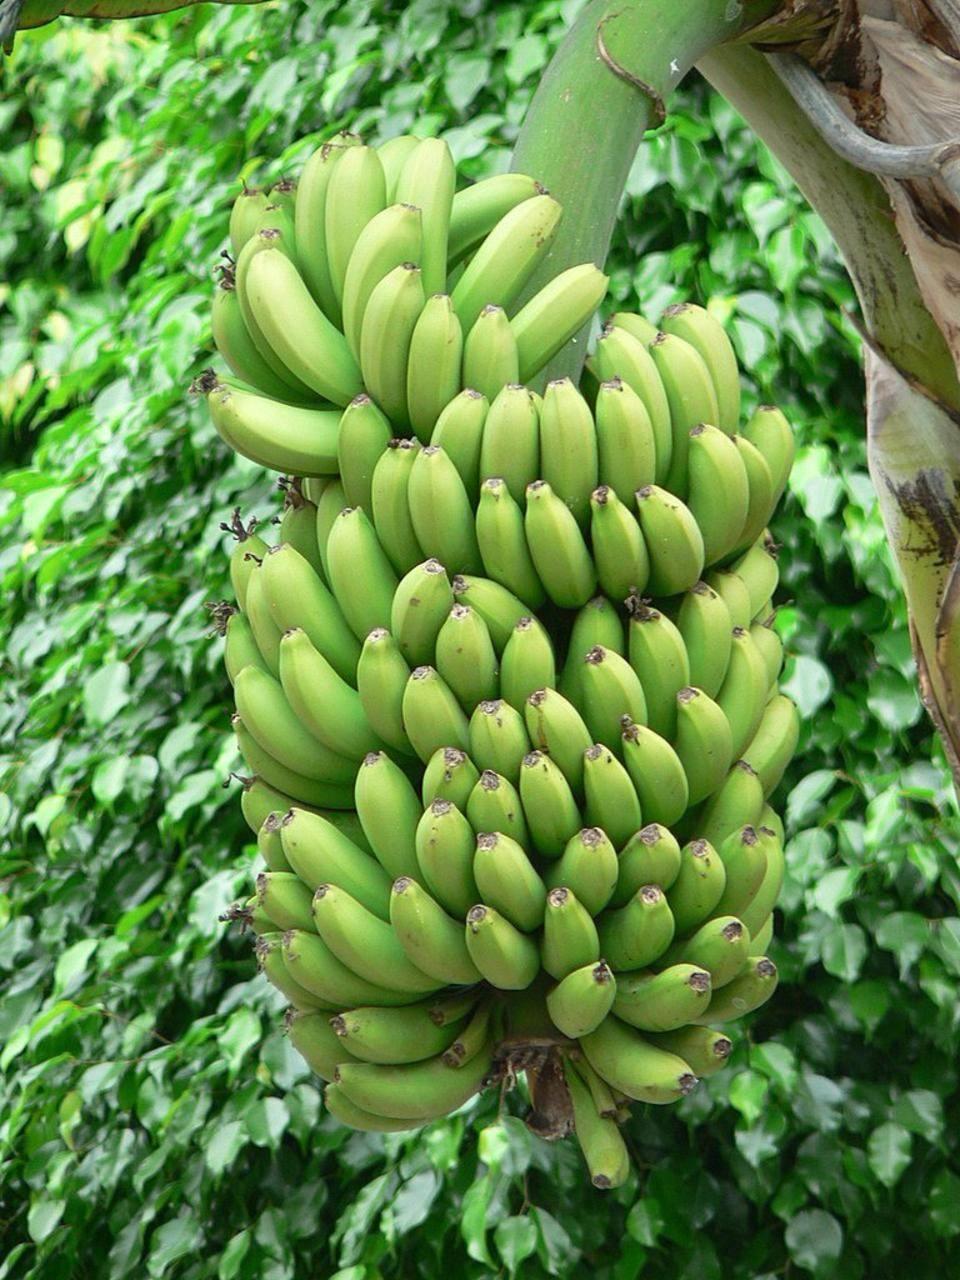 Foto gratis verde albero banane for Albero di banane